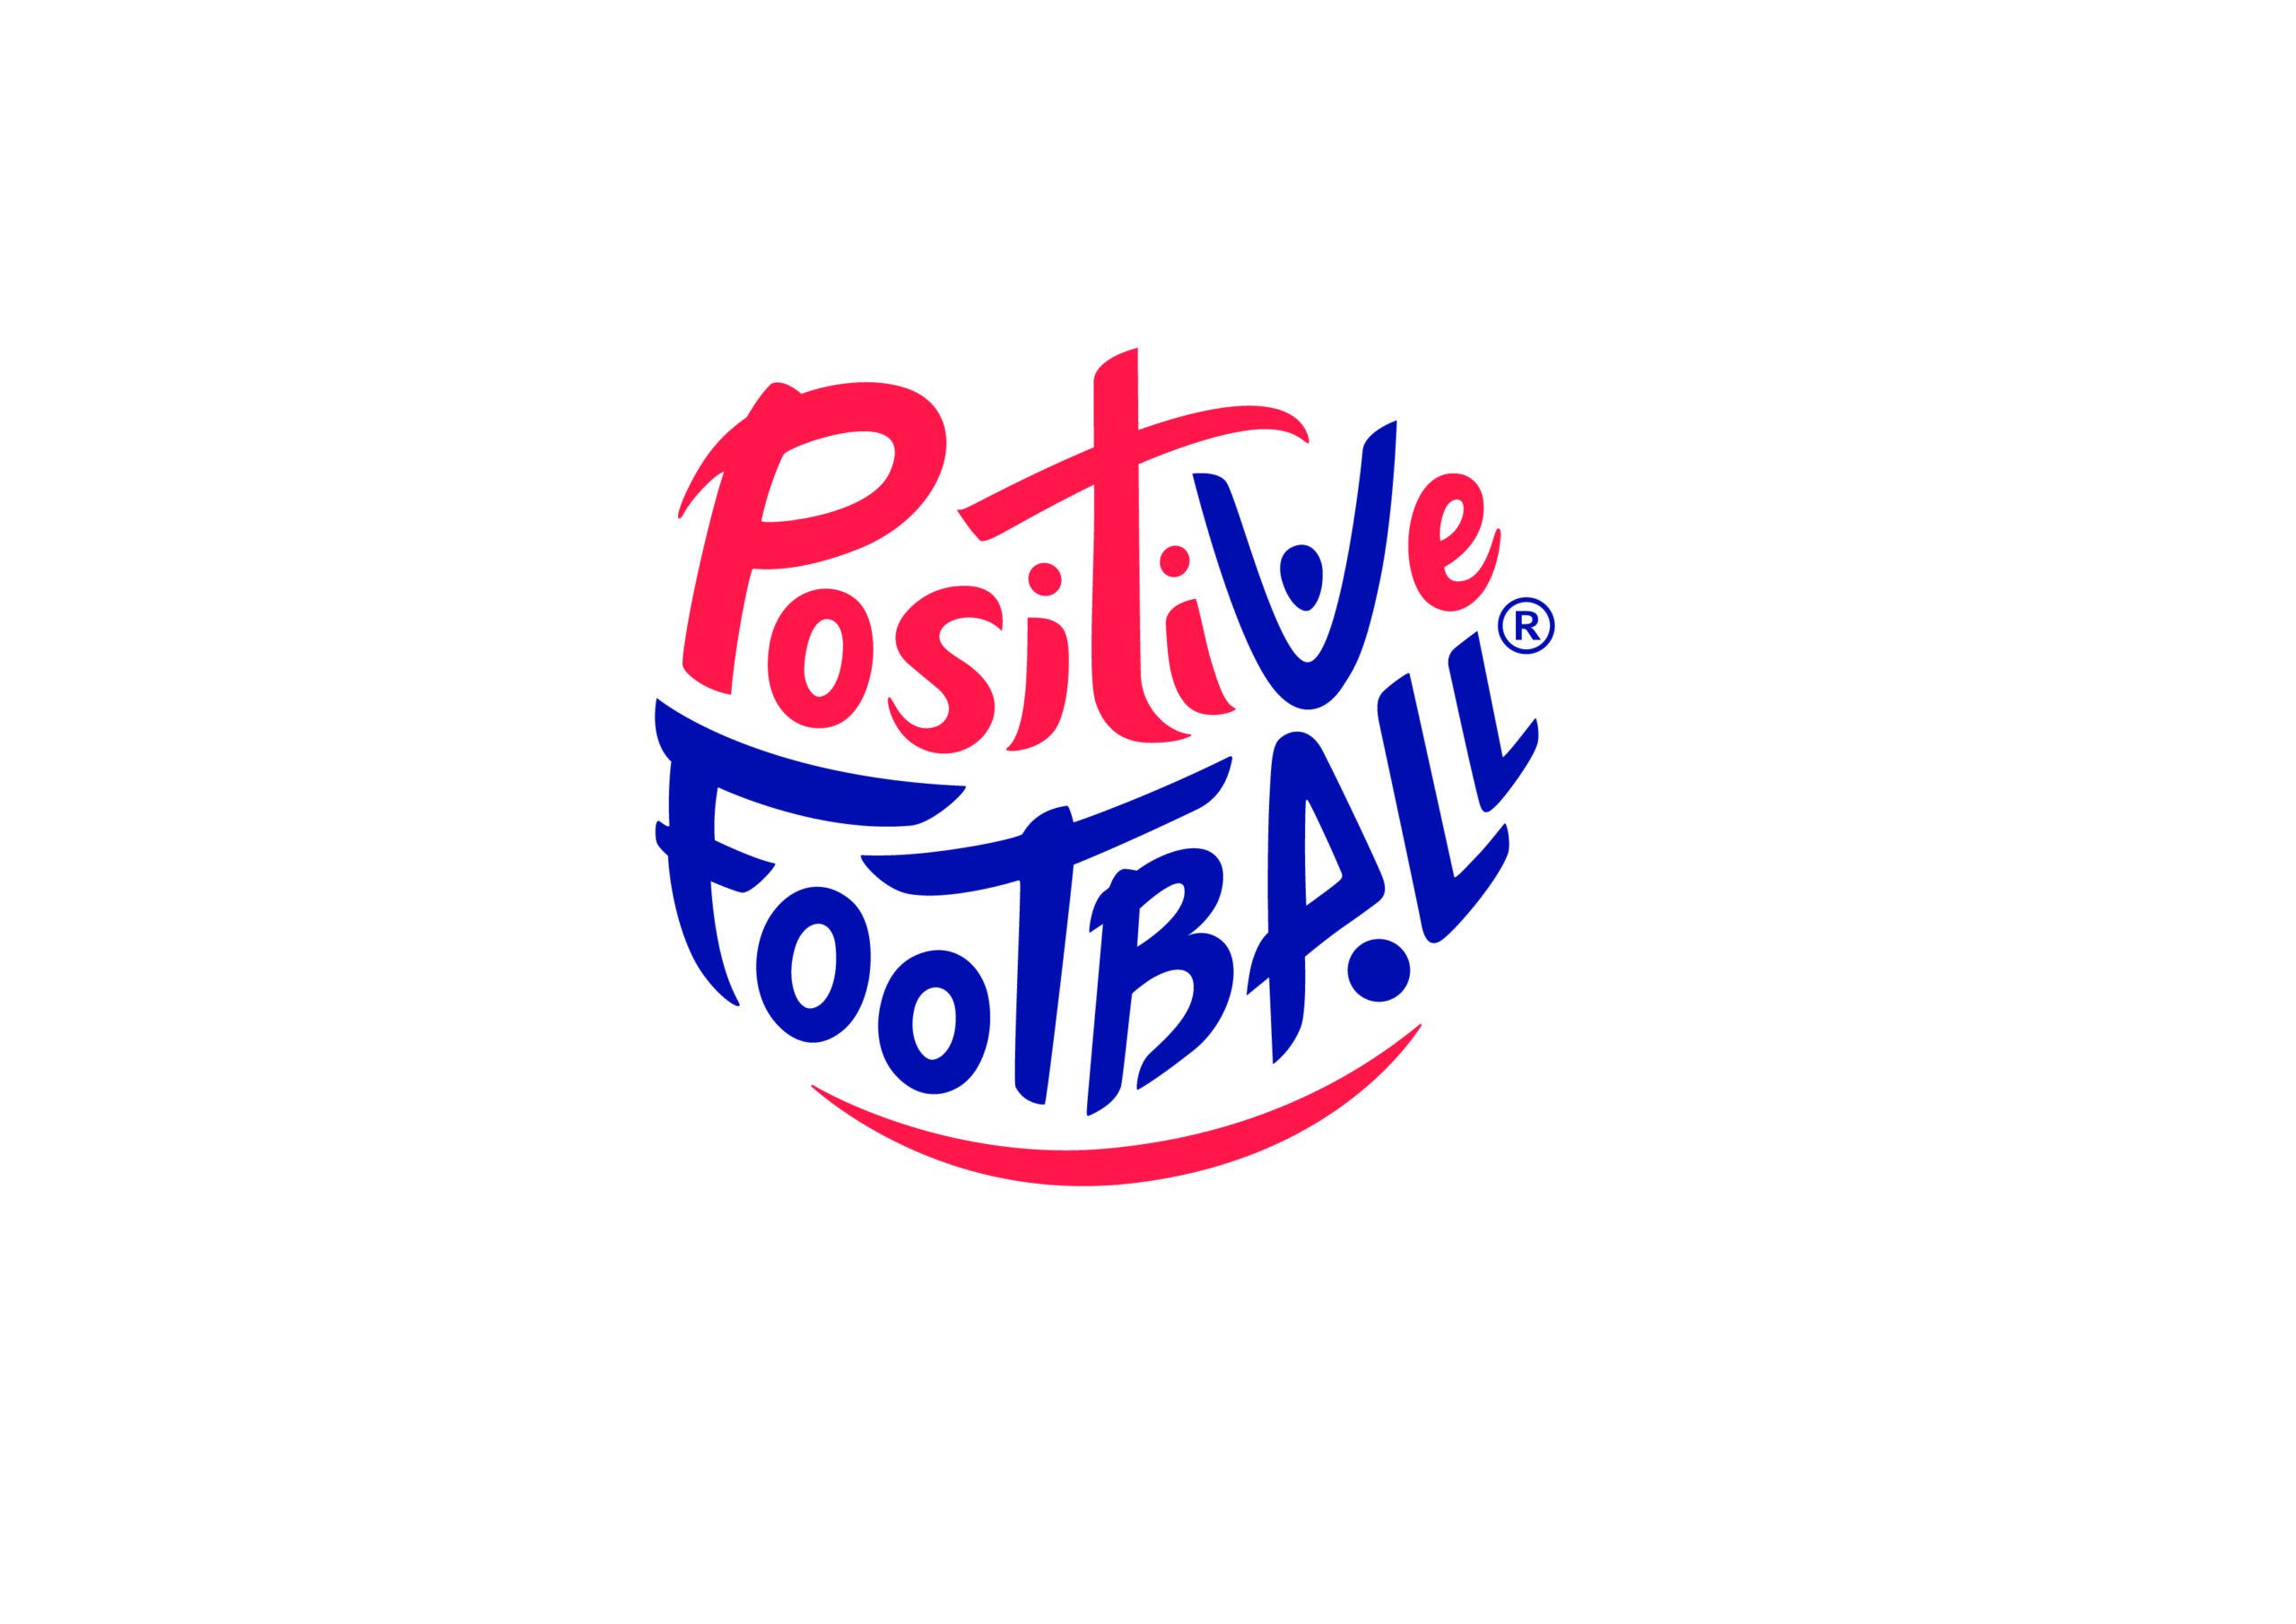 Positive Football